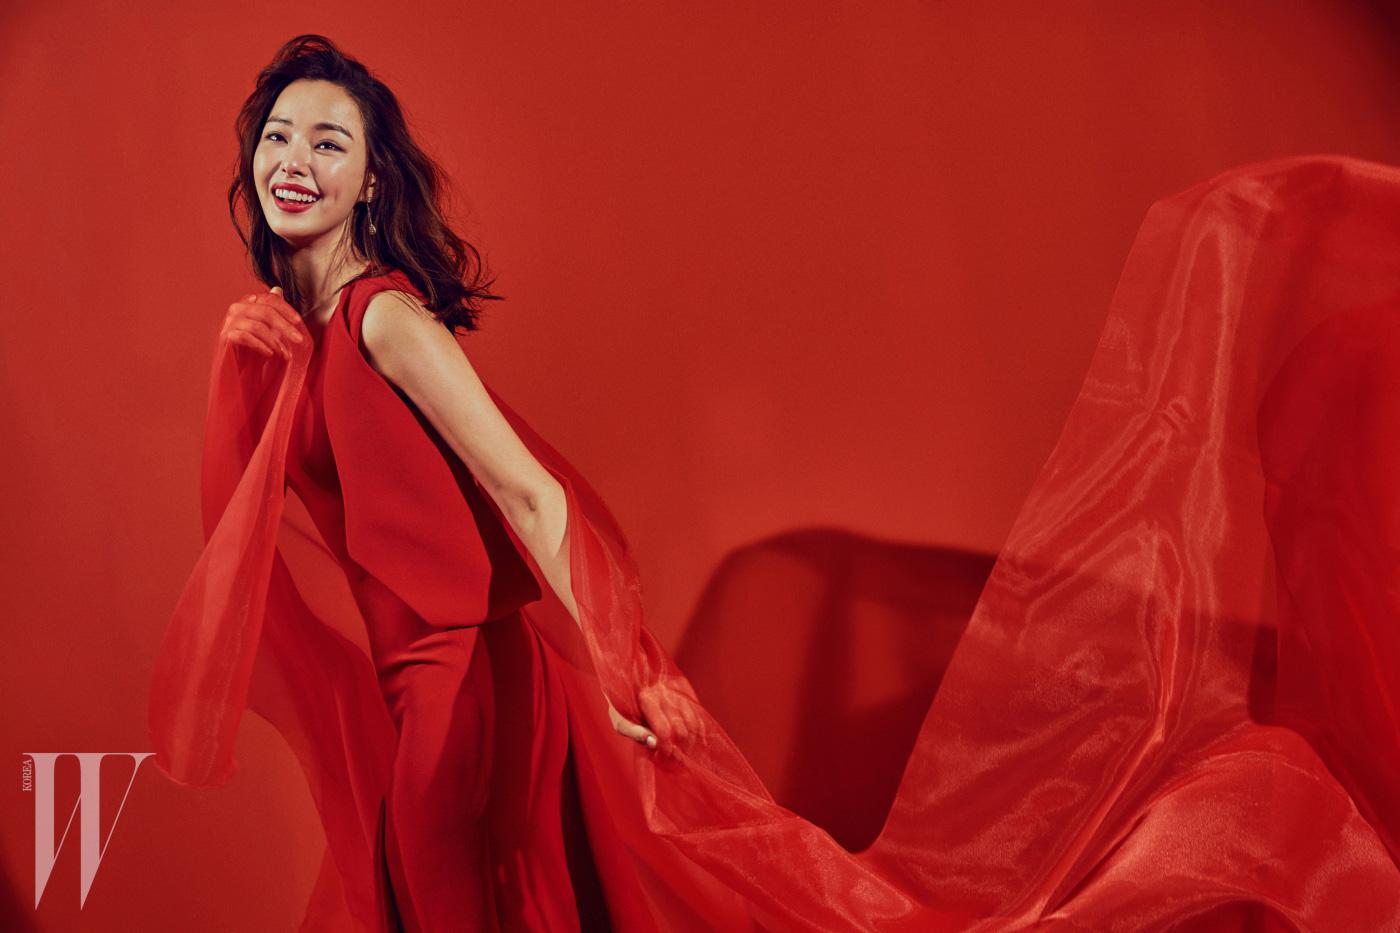 붉은색 드레스는 Publica, 귀고리와 반지는 Boucheron 제품.